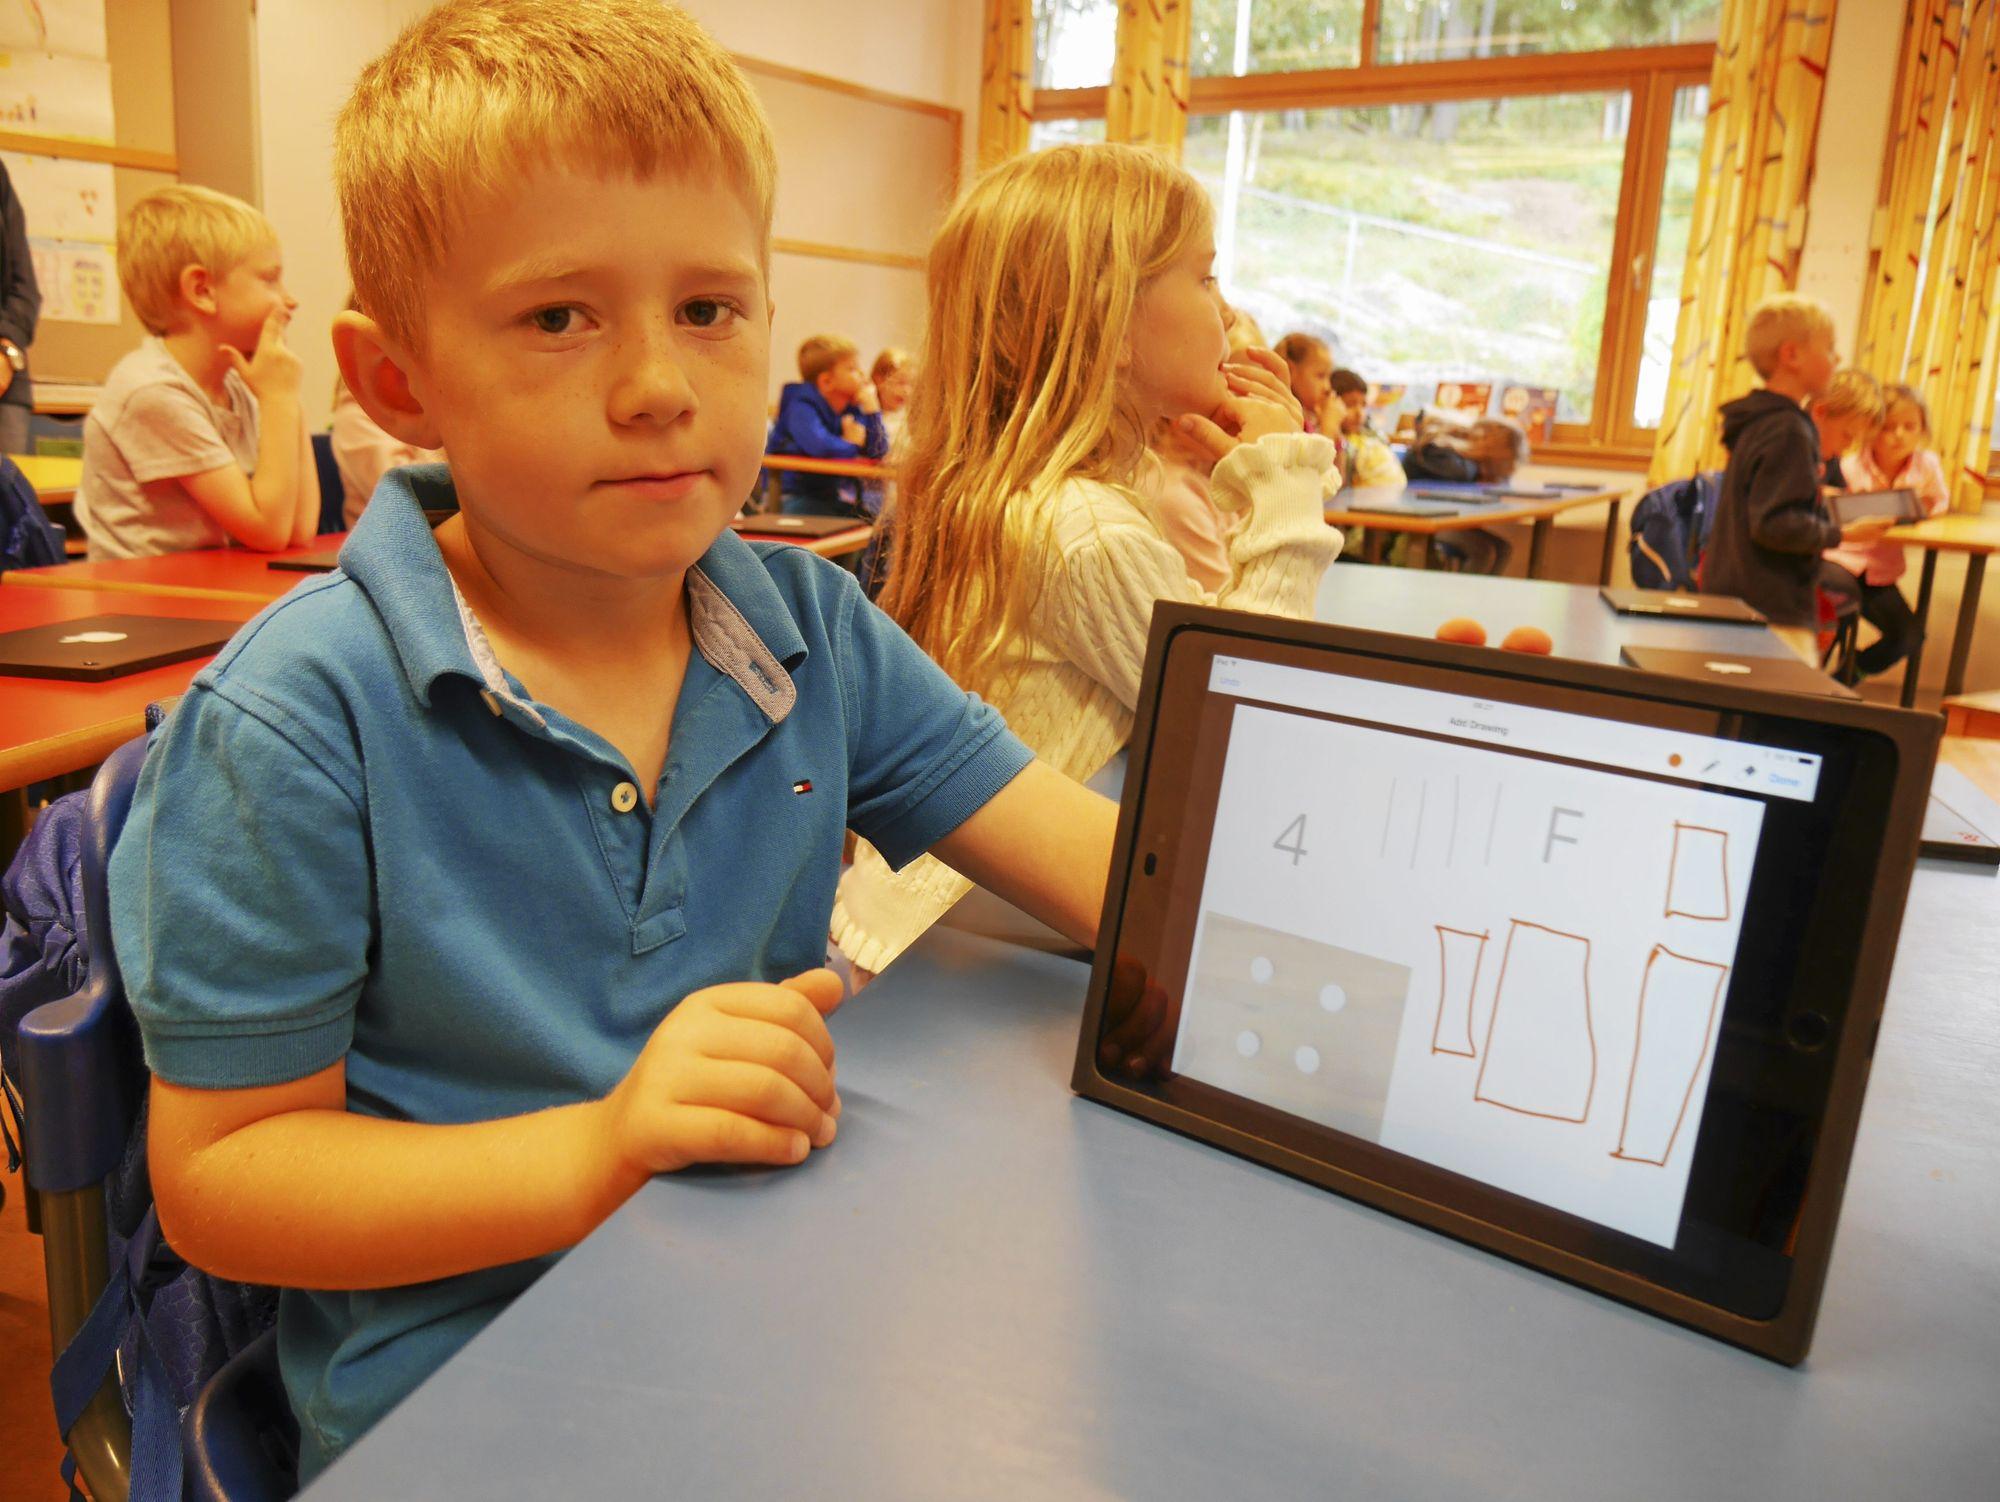 VIL IKKE HA SKOLEBØKER: – Det er bra at jeg slipper å lese bøker på skolen, sier Håkon Koldingsnes (6). Han synes det er mer spennende å gjøre oppgaver på iPad.